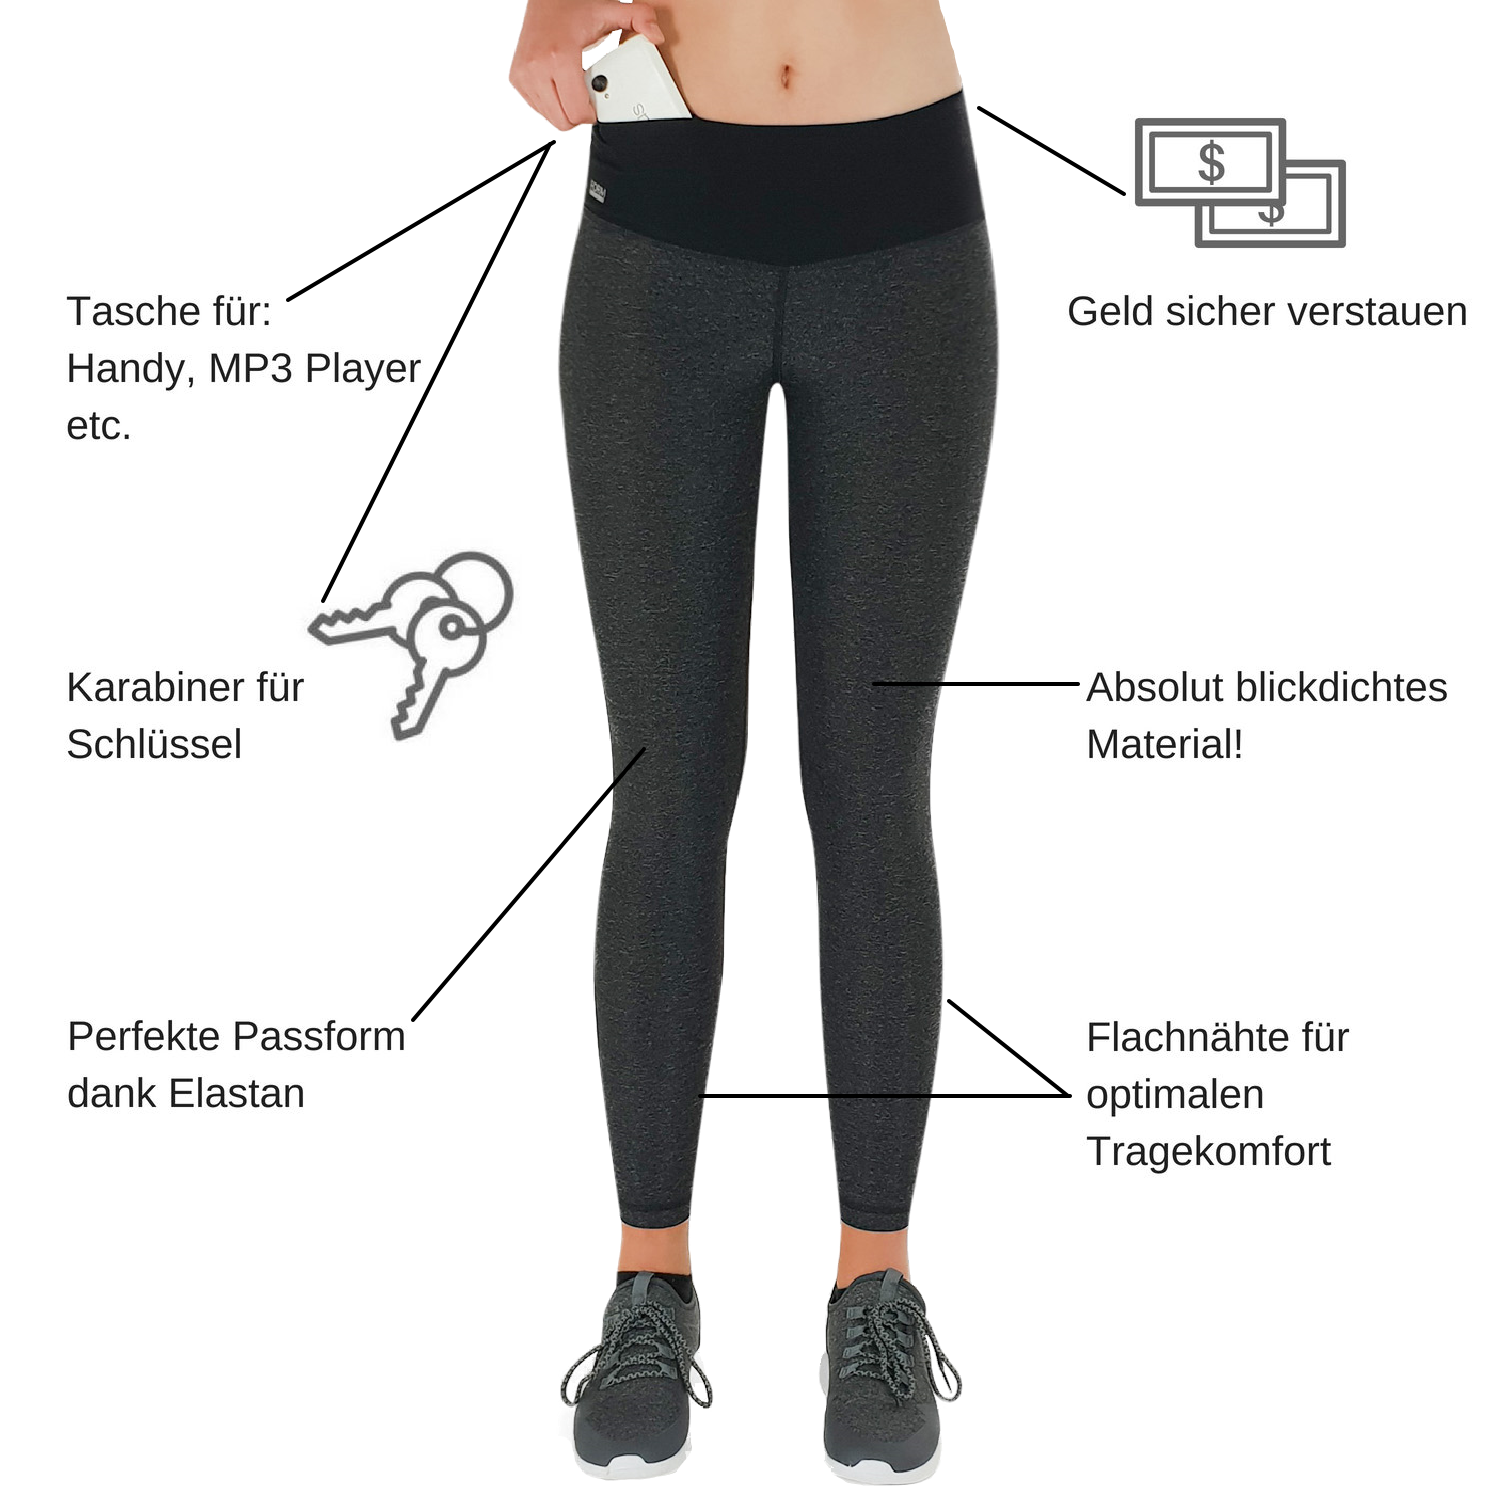 sport-damen-leggings-mit-taschen-fuer-handy-schwarz-grau-infografik